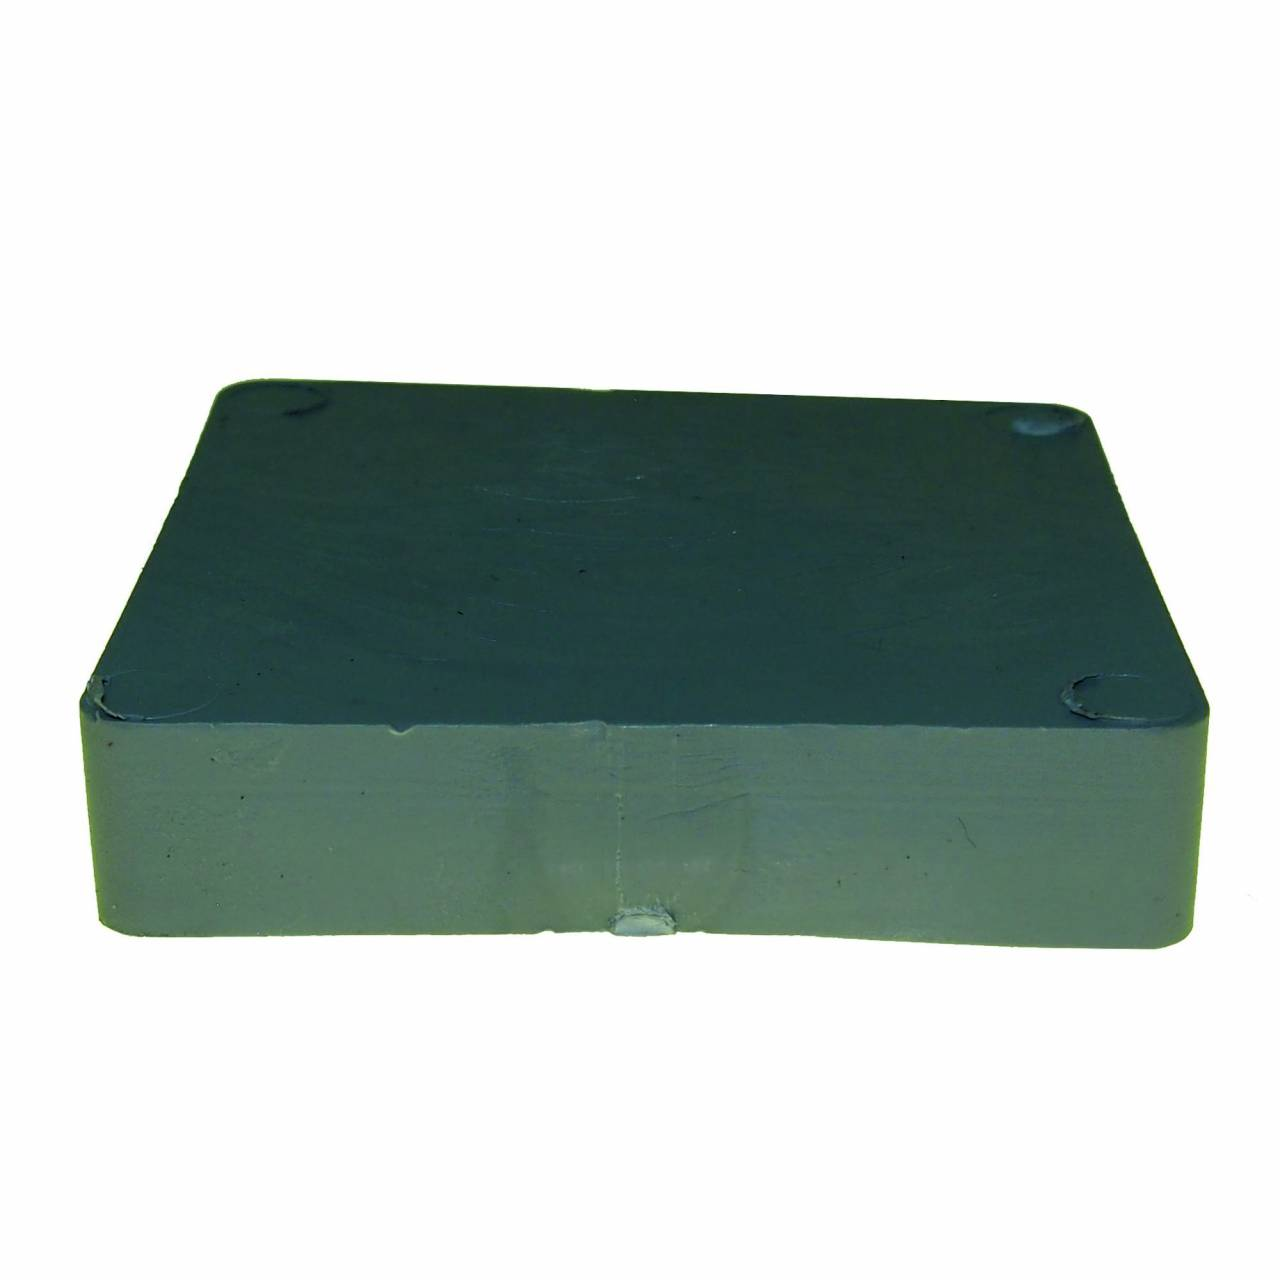 Montageplatten 70 x 70 x 30 mm, ohne Schlitz / Sack a 100 Stück